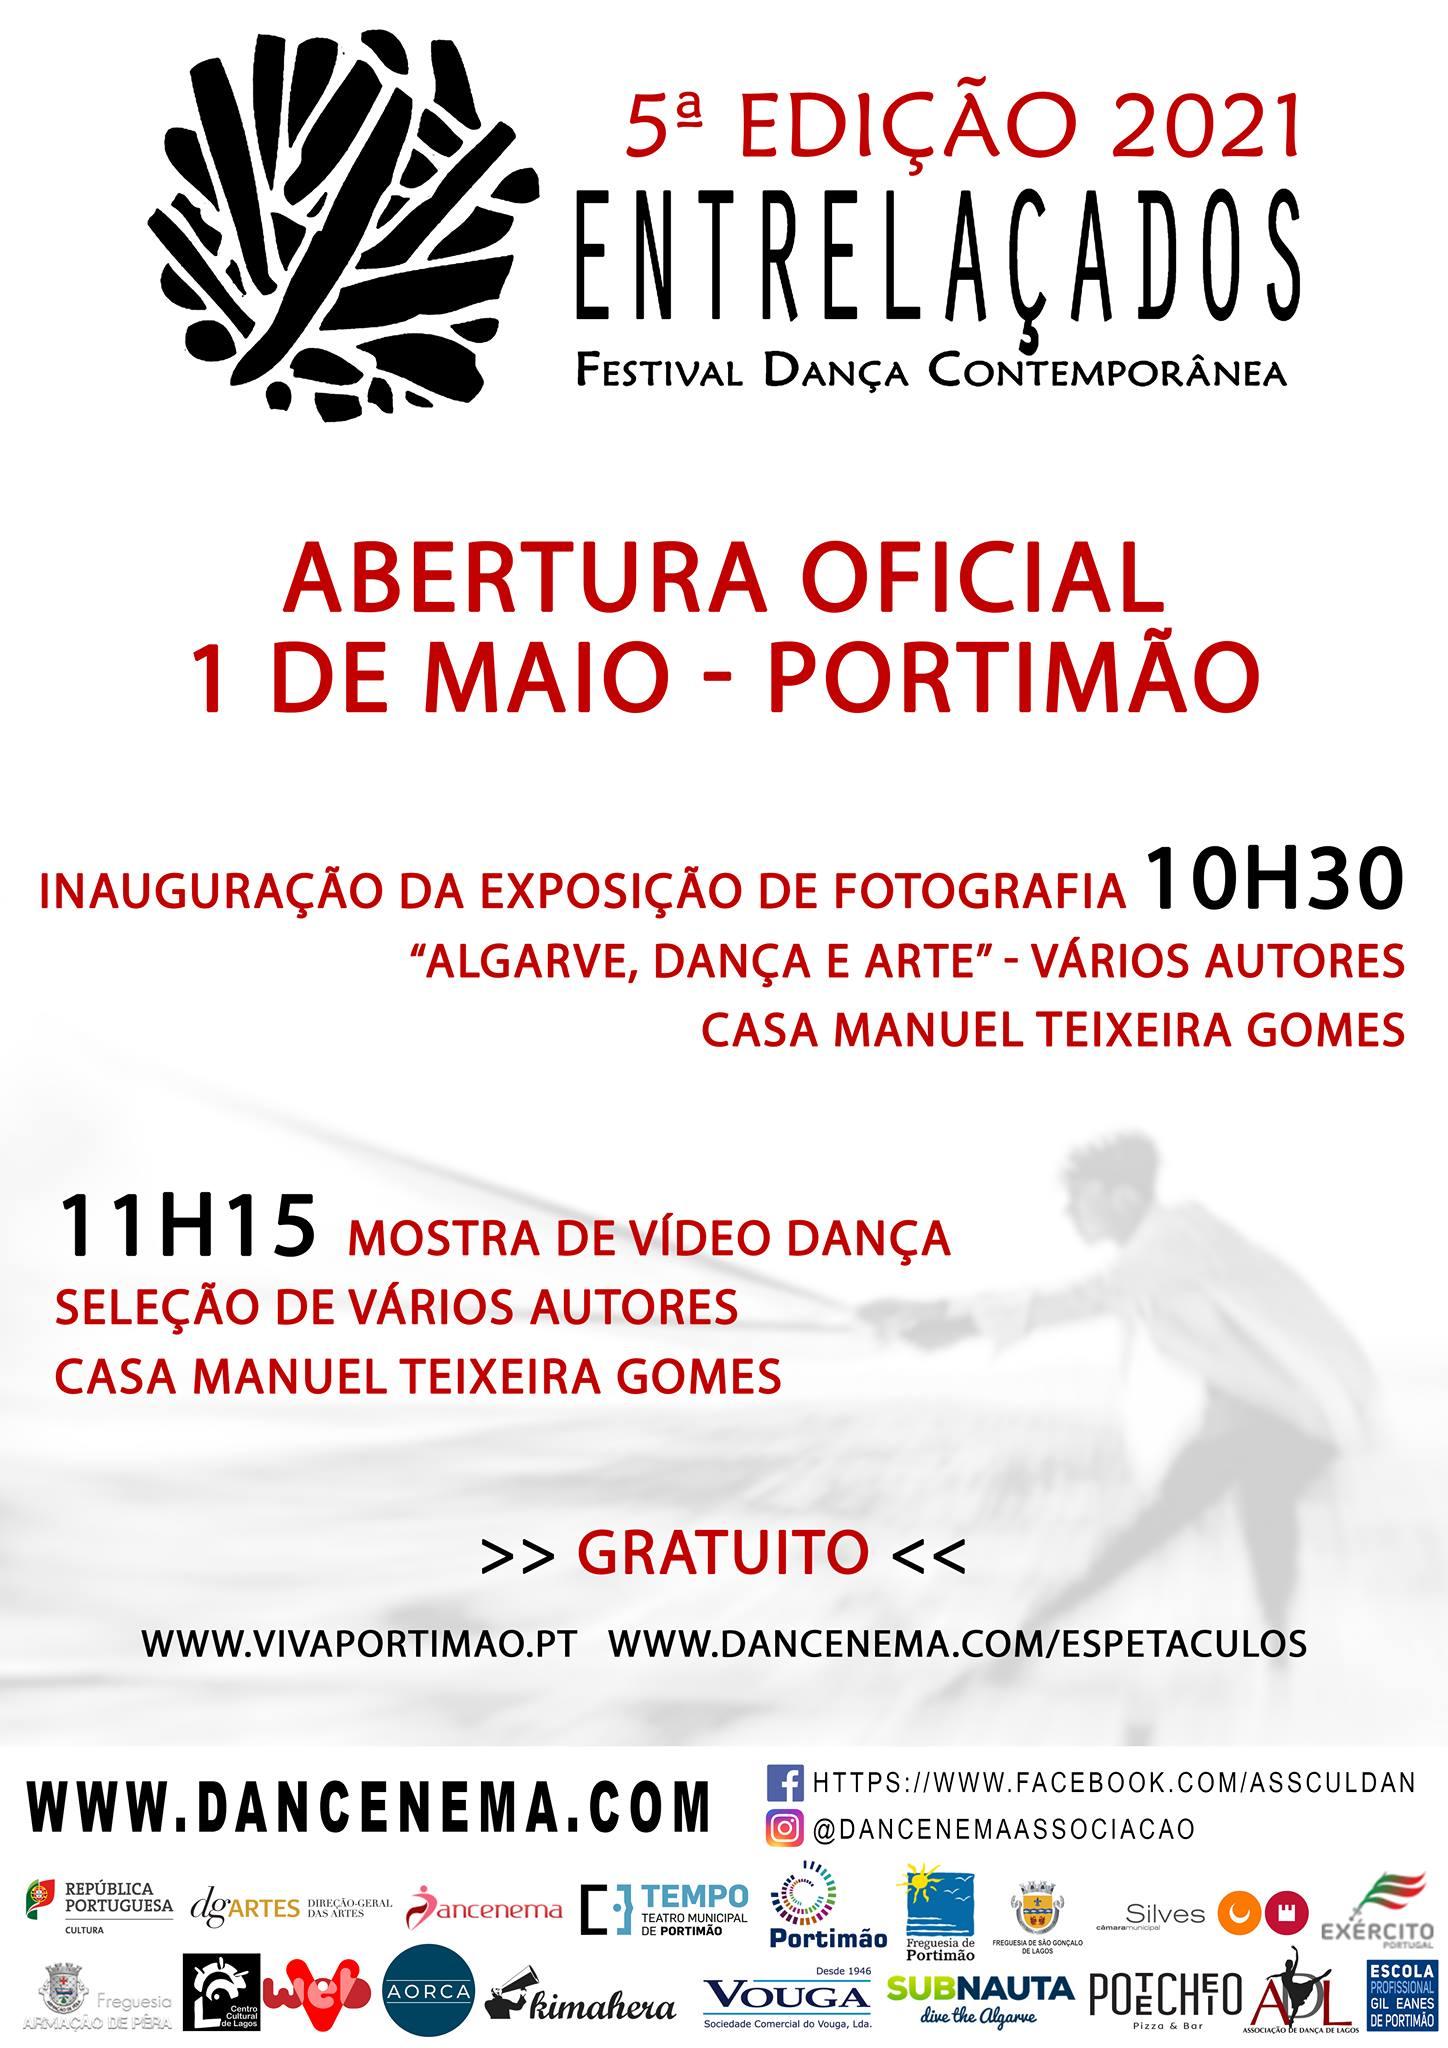 Abertura Oficial- 5a Edição do Festival Entrelaçados